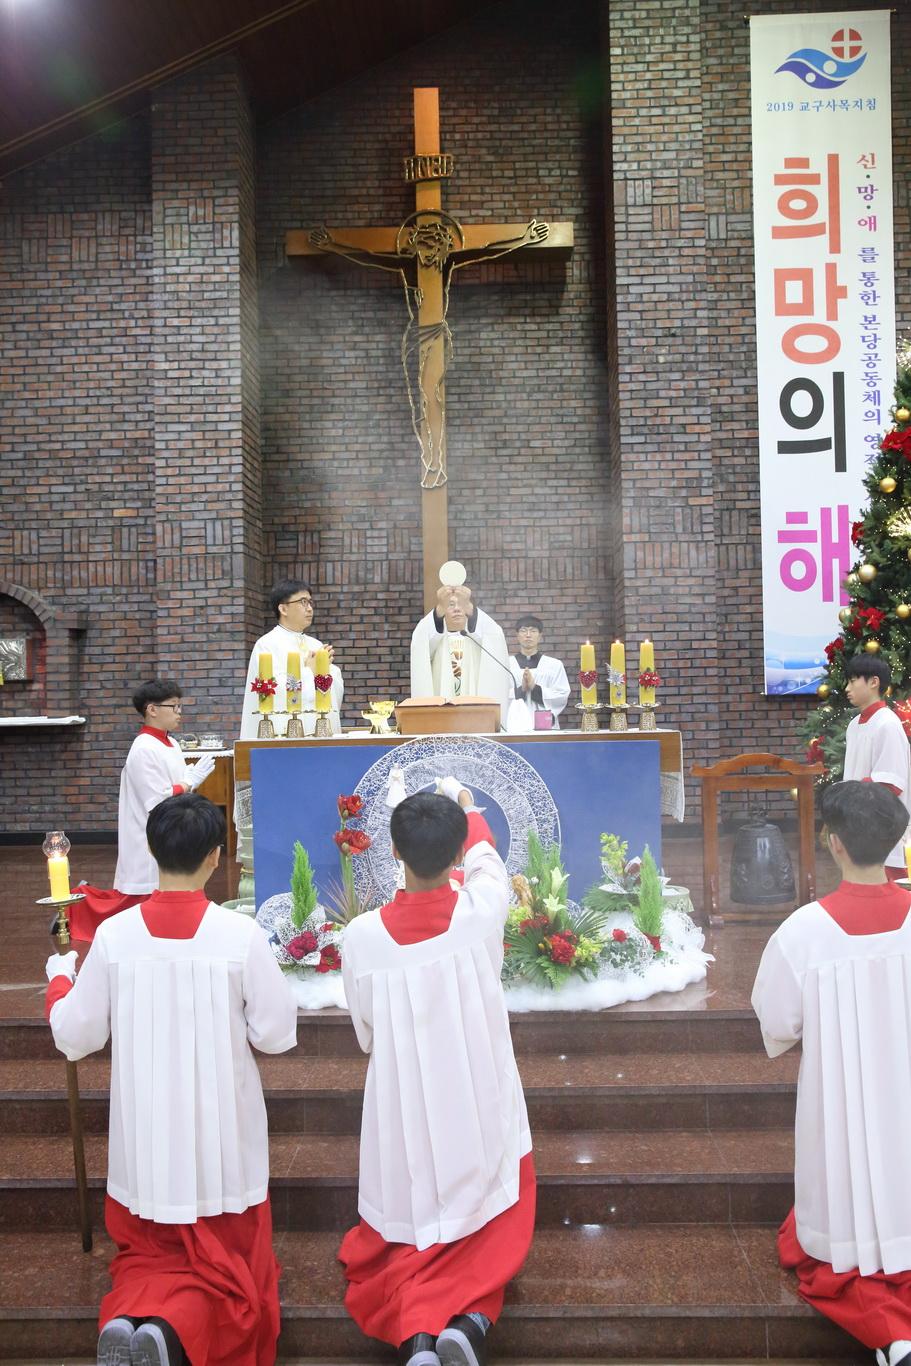 2019-12-24 성탄 성야 (180)_크기변경.JPG